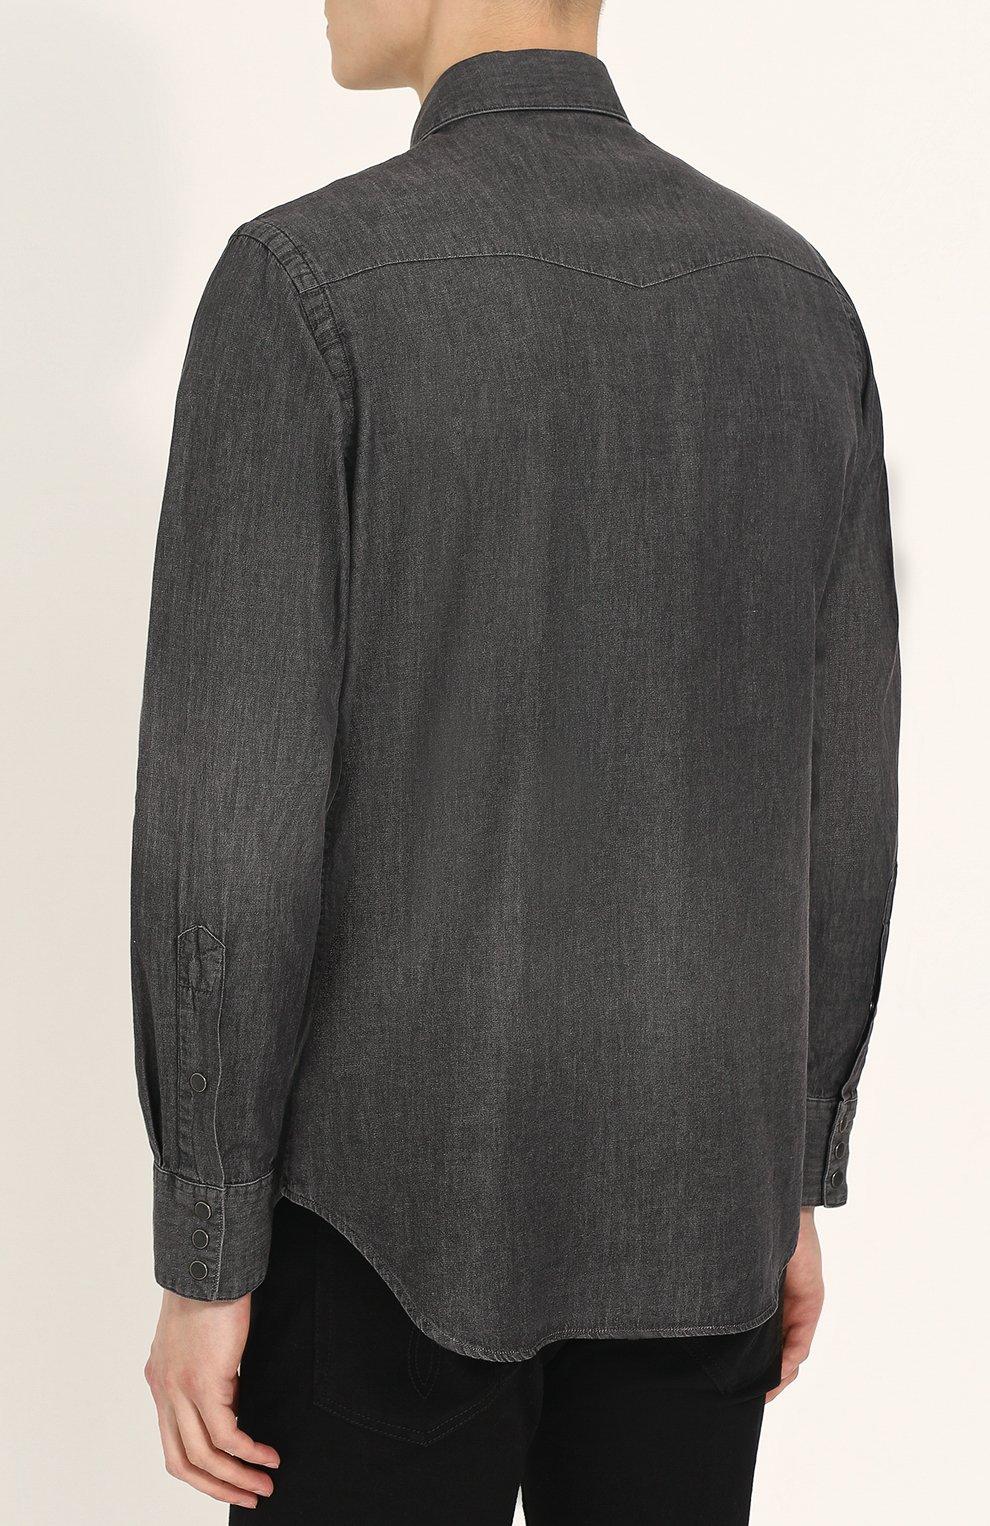 cd410723cd7 Мужская темно-серая джинсовая рубашка на кнопках POLO RALPH LAUREN ...